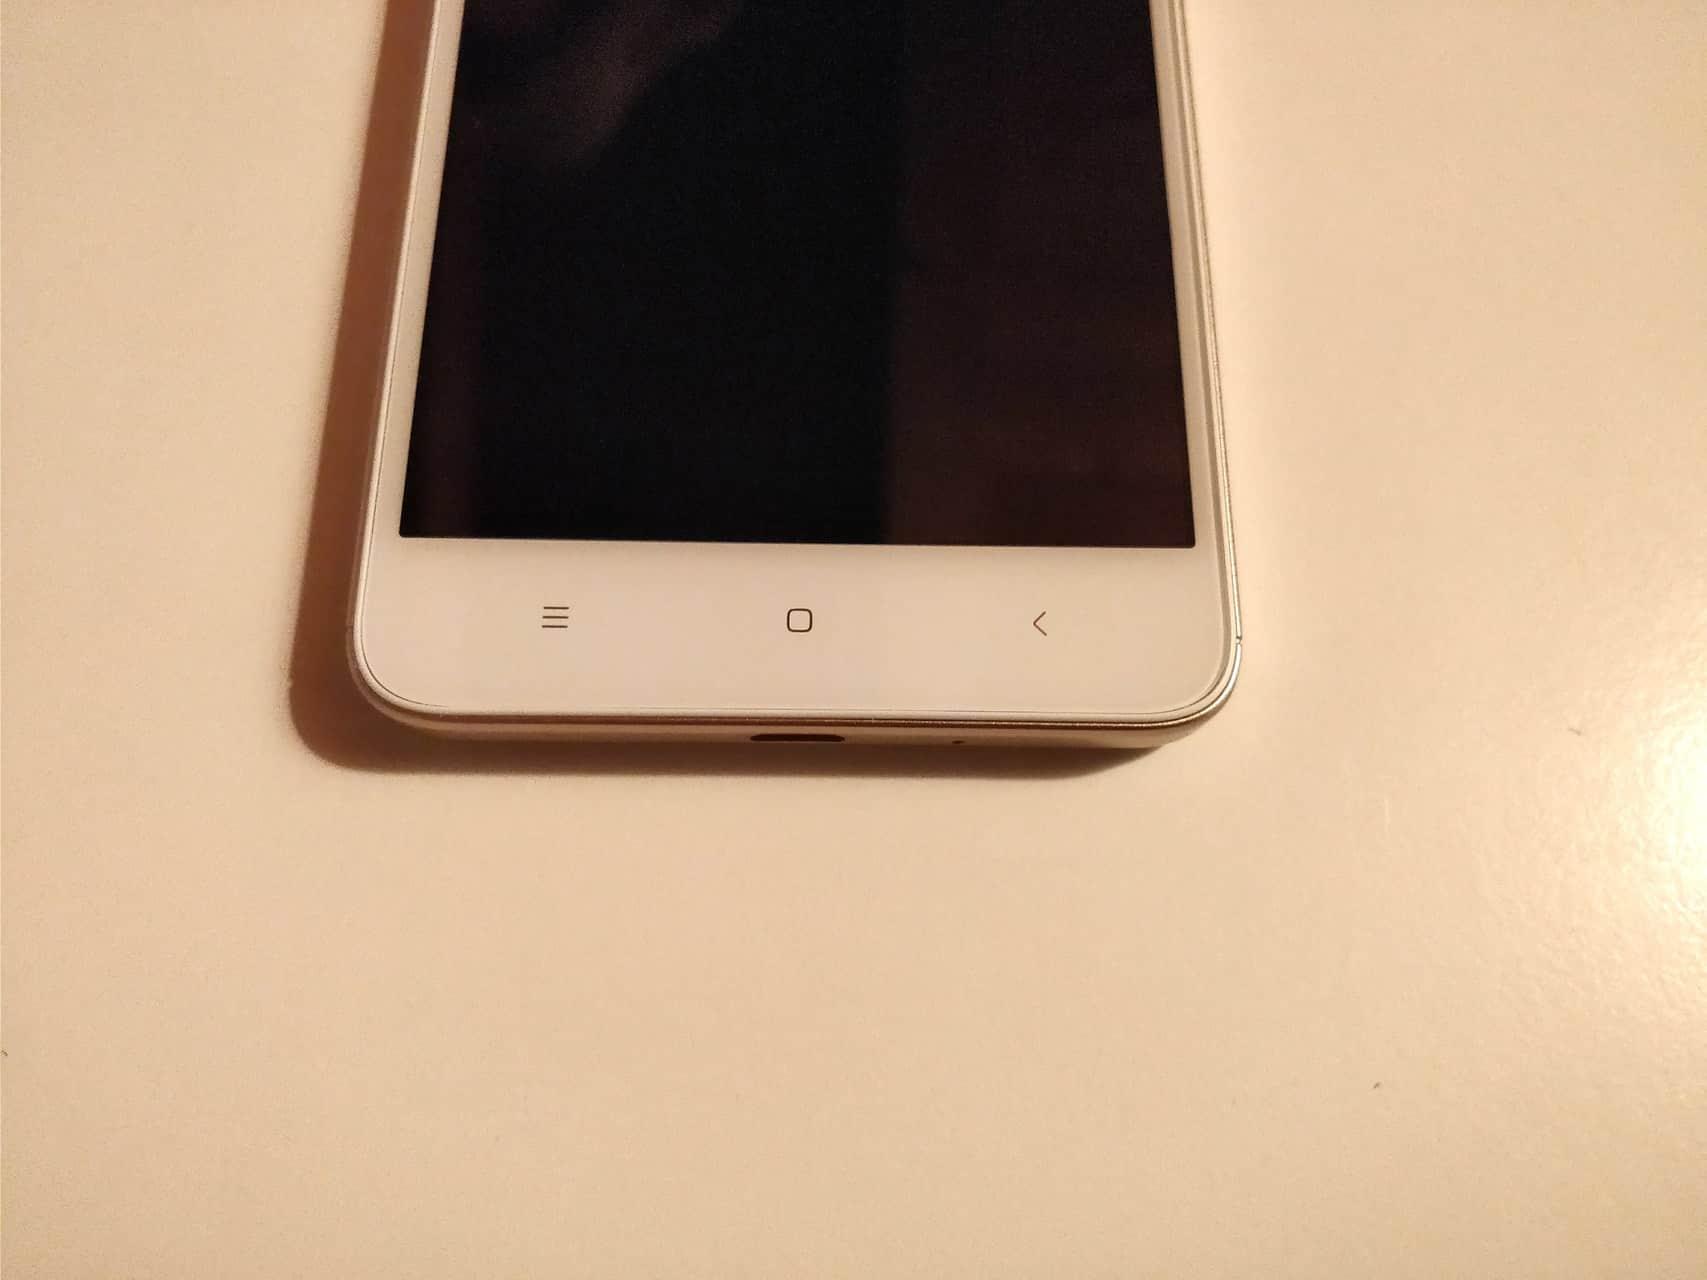 Ufficio Per Xiaomi : Xiaomi redmi 4a: il miglior smartphone entry level techboom